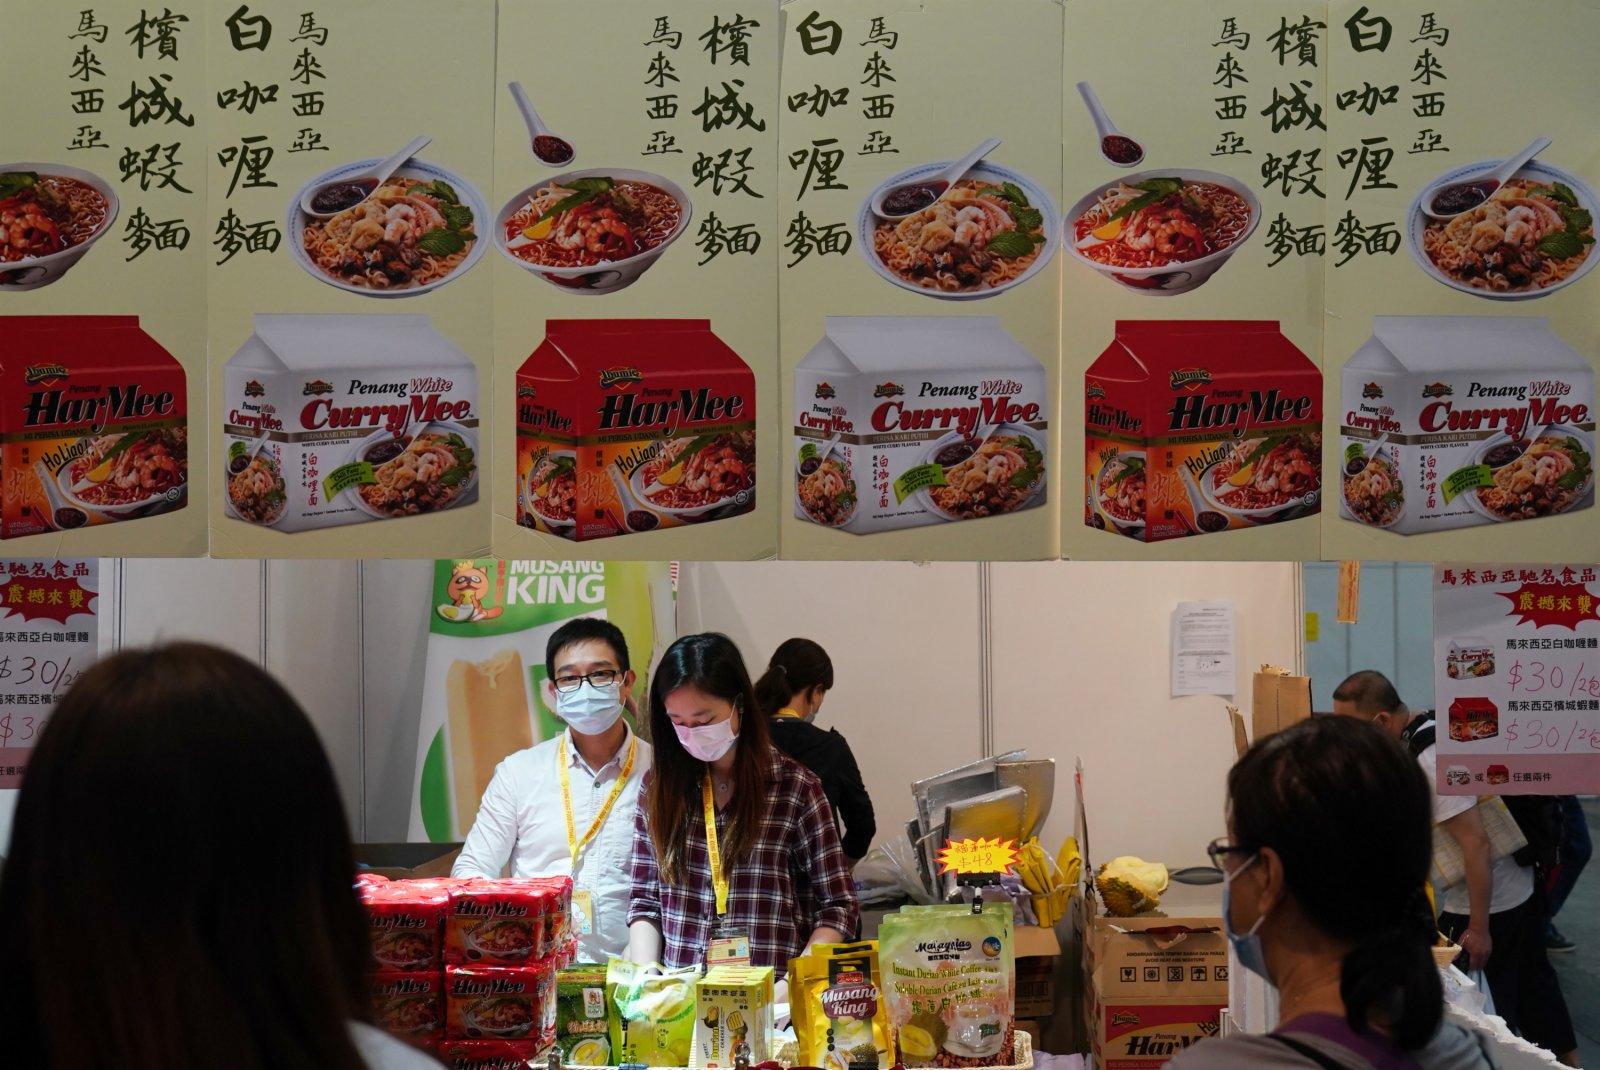 在香港會展中心舉行的「第十八屆香港春日美食節」上拍攝的參展商攤位。